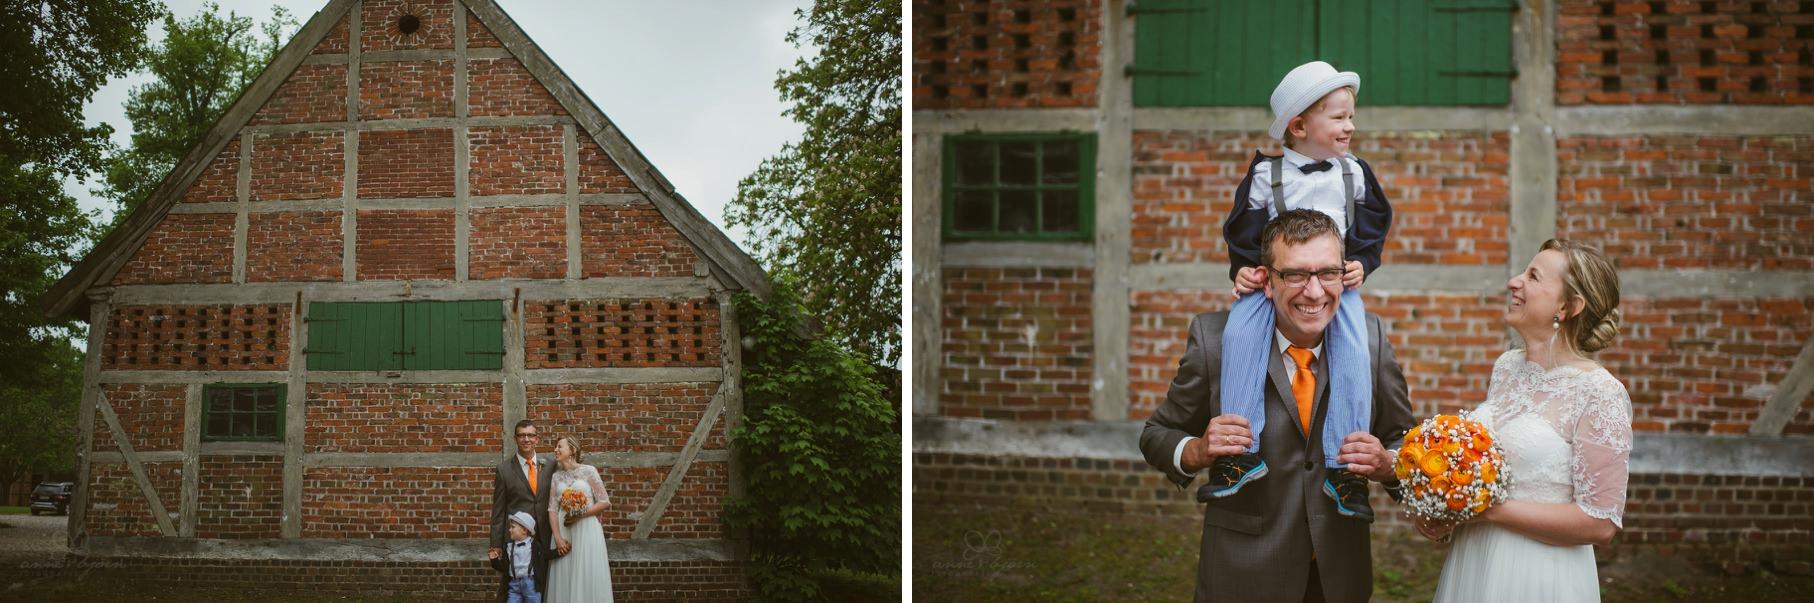 0085 anne und bjoern Manu und Sven D75 0145 2 - DIY Hochzeit im Erdhaus auf dem alten Land - Manuela & Sven